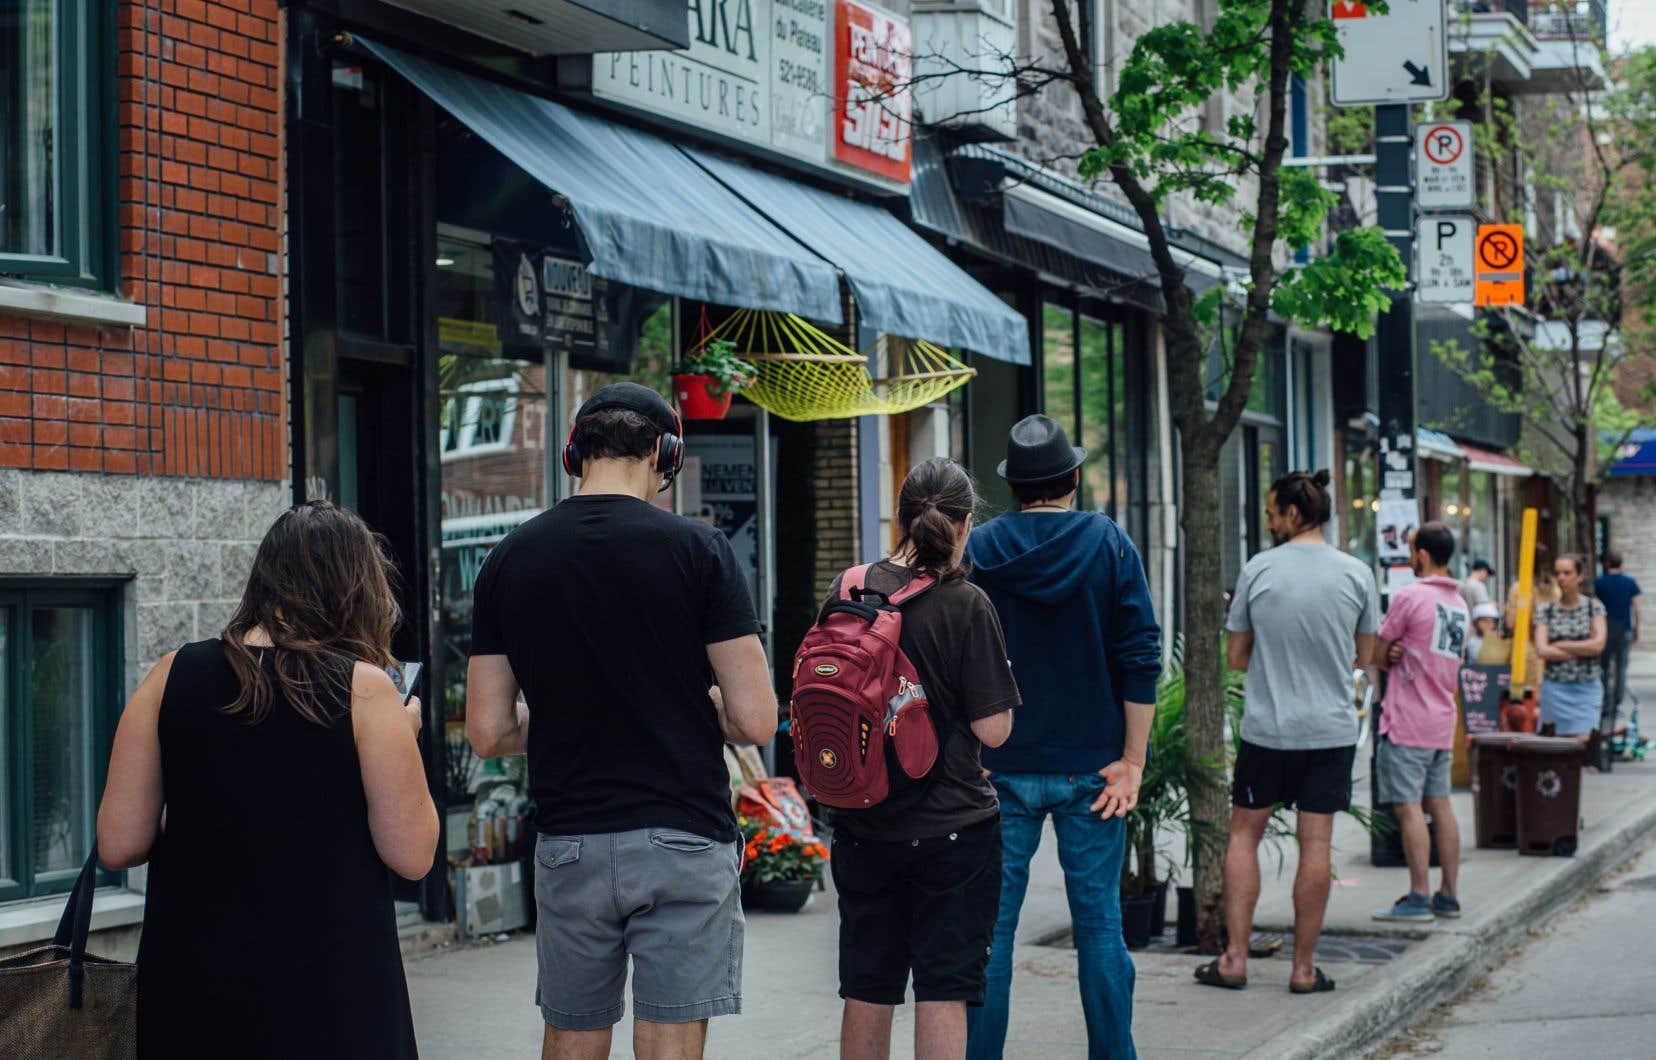 L'économie du Québec connaîtra cette année un recul de 5%, dans une fourchette de -4 à -6%, selon ce qu'a indiqué vendredi le ministre de Finances, Eric Girard, lors d'une présentation organisée par la CCMM.